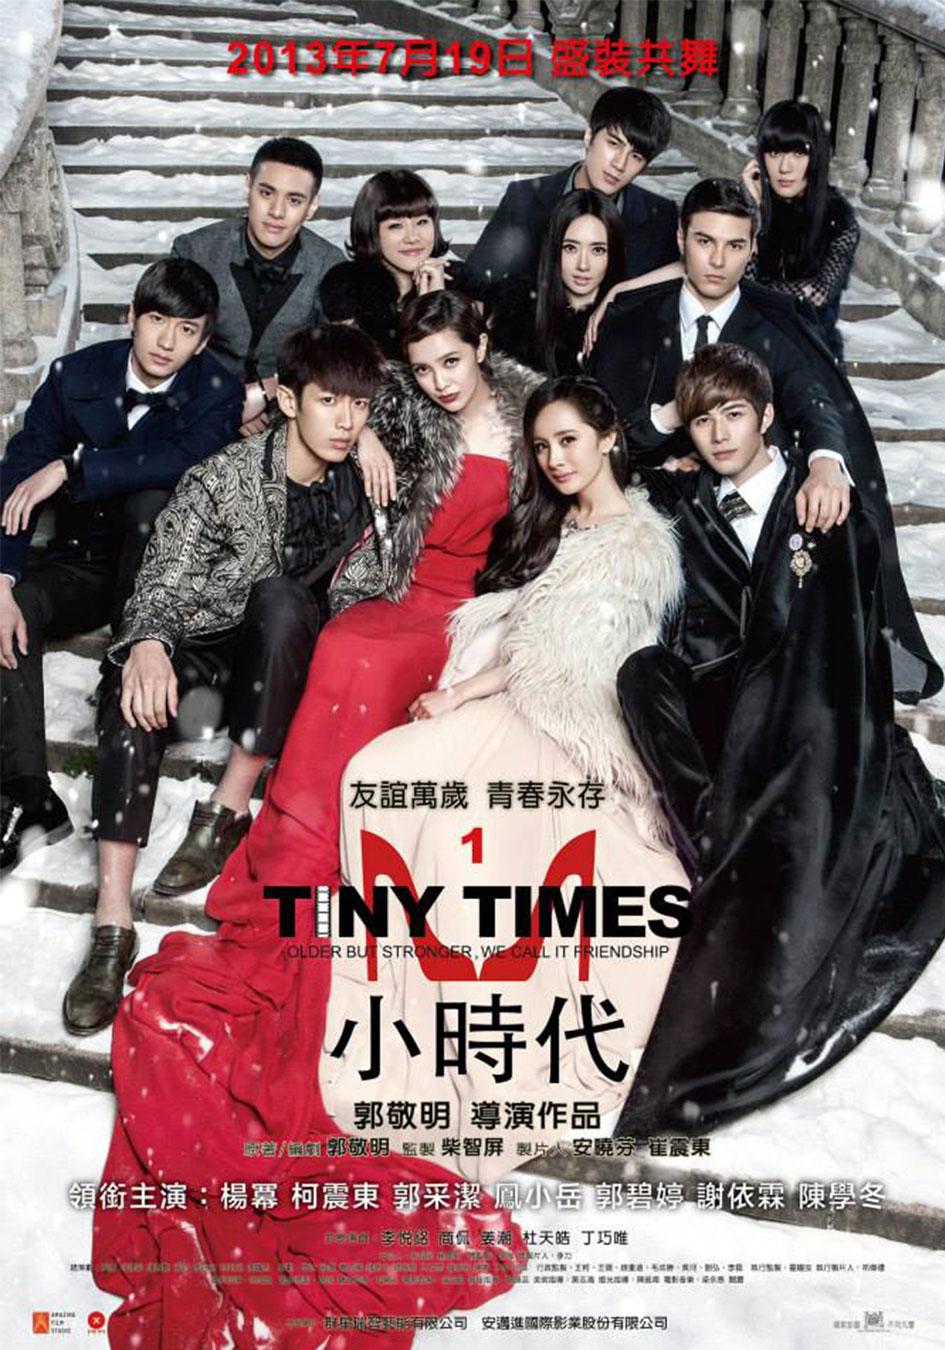 小時代 -Tiny Times